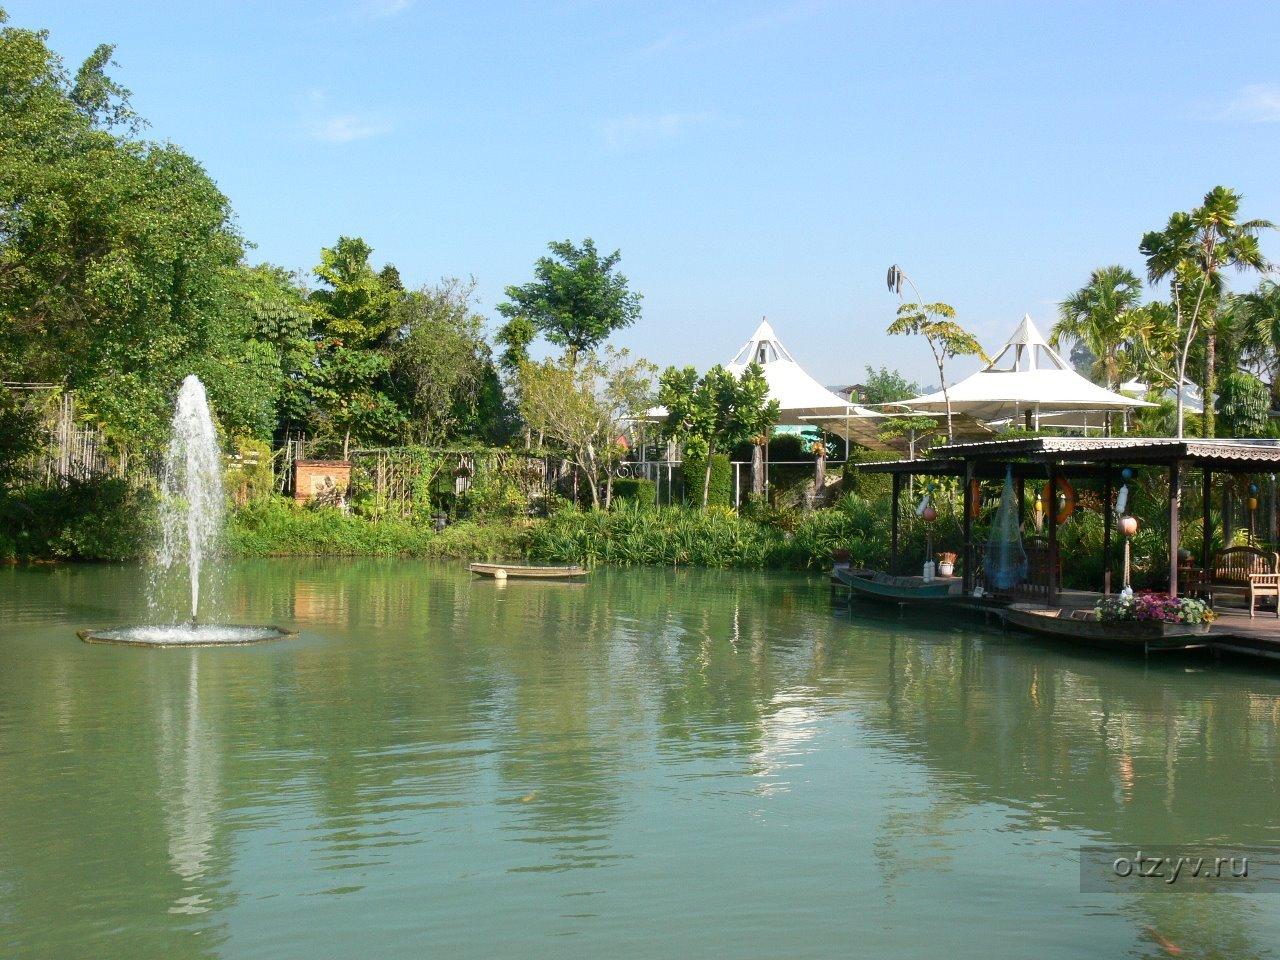 Phuket thailand pictures slideshow Travel Yahoo Lifestyle